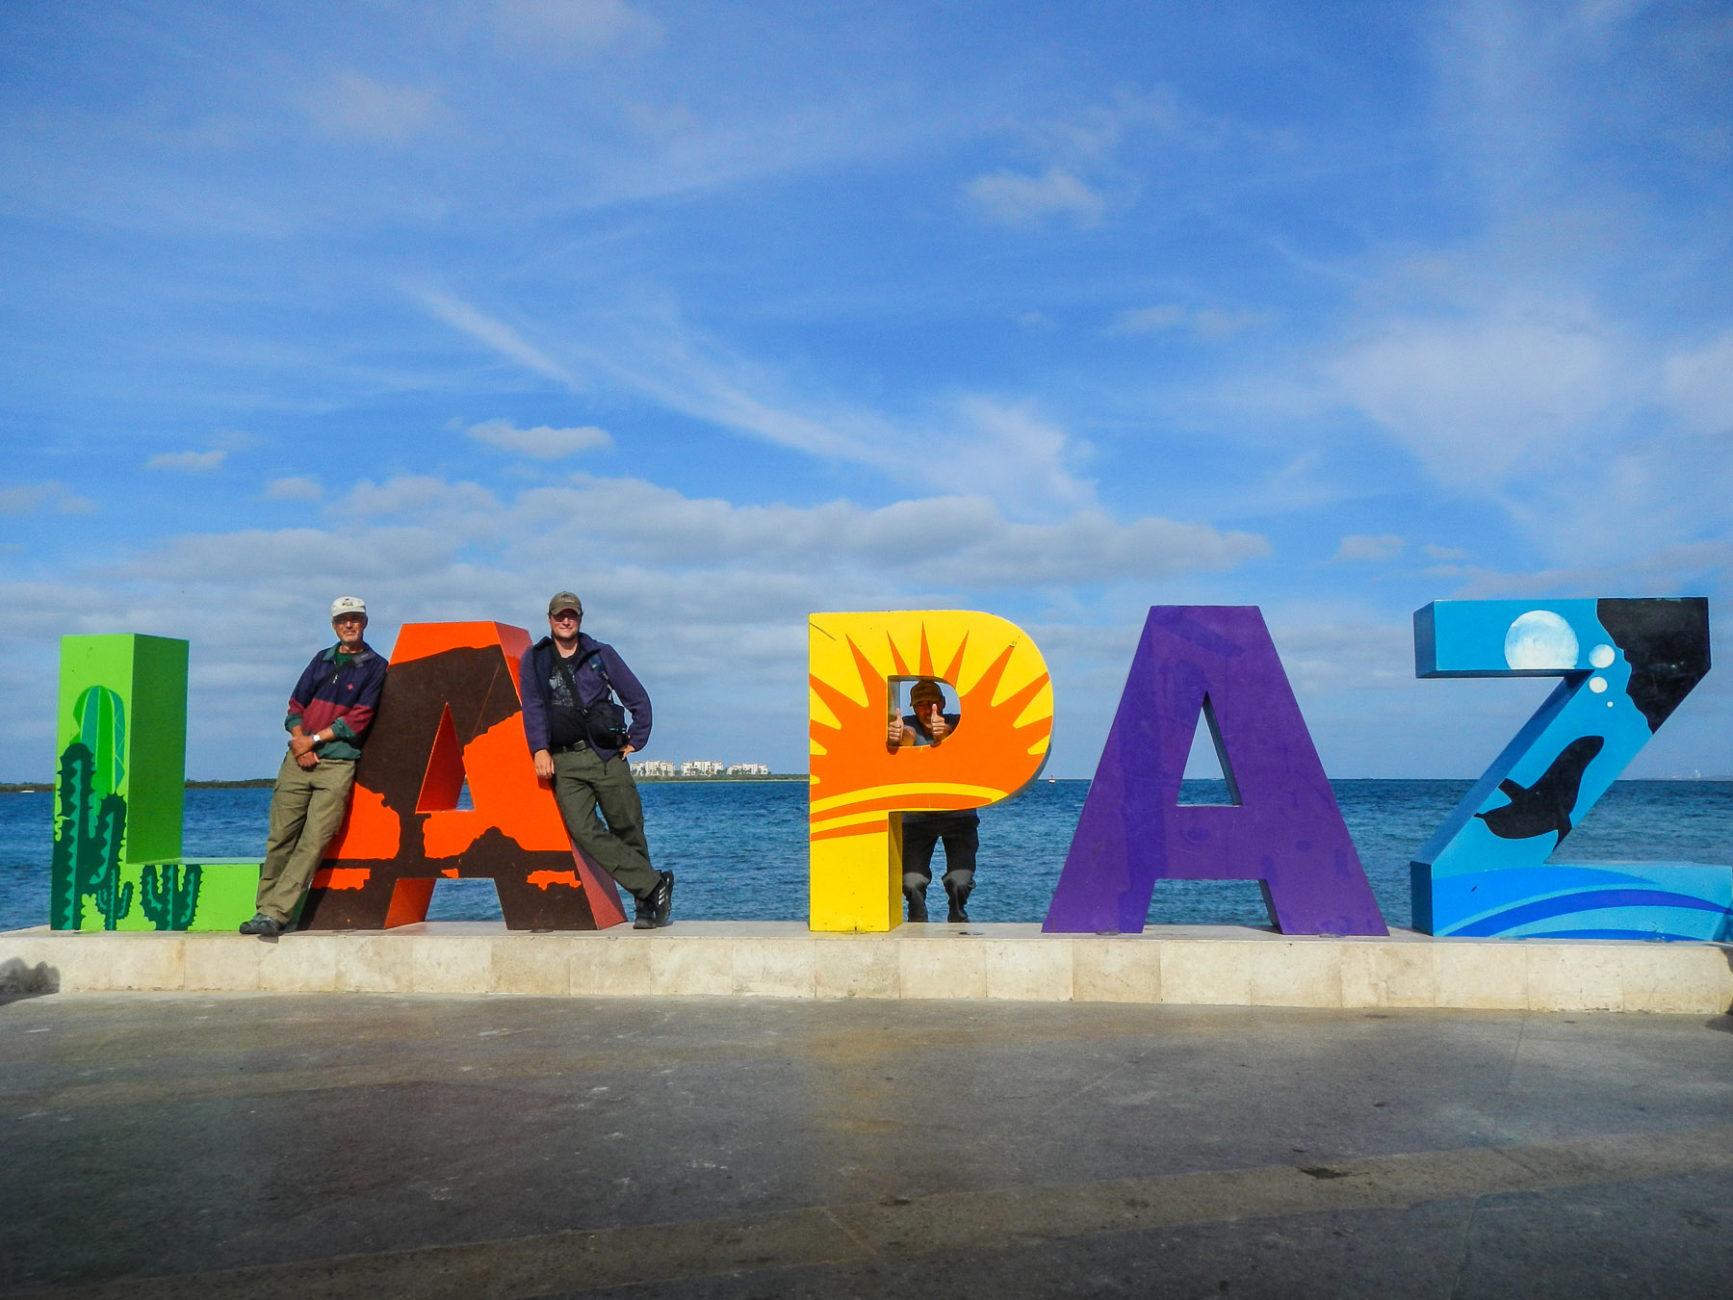 In La Paz, der Hauptstadt der Baja California, nach 1600 km Fahrt seit der Grenze